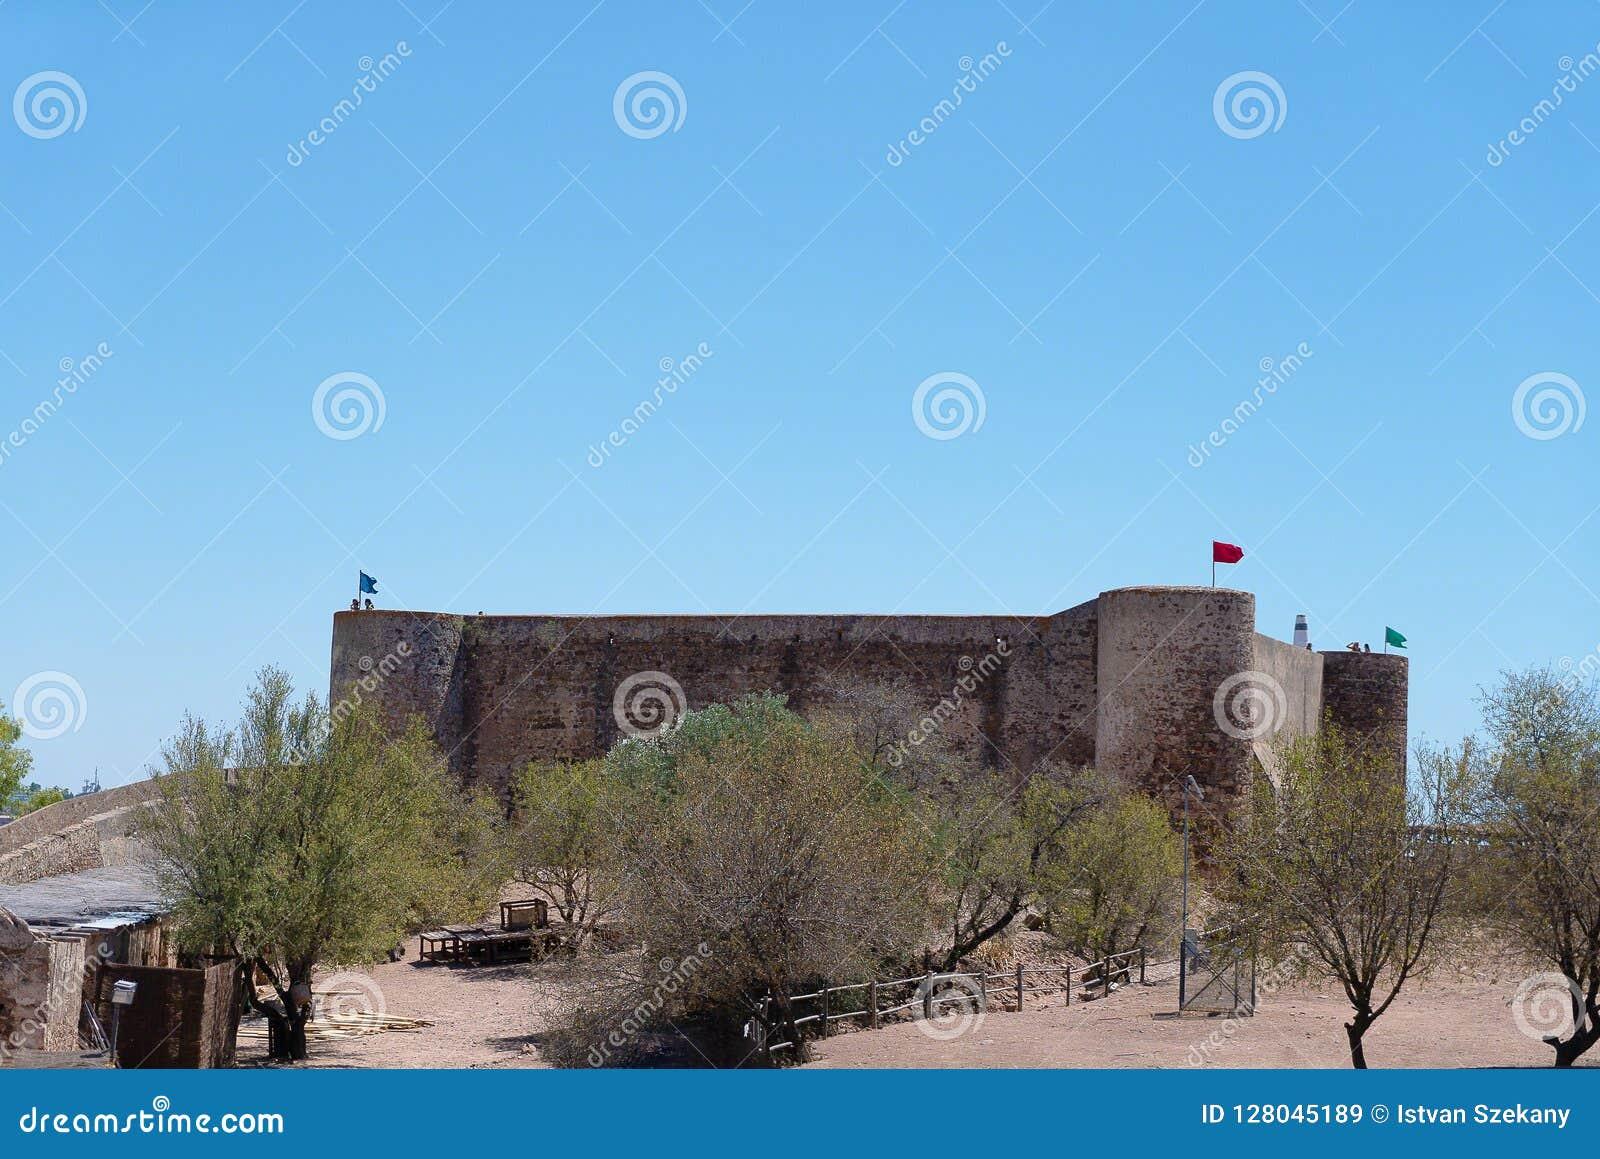 Dentro del castillo del marim de castro de la ciudad fronteriza